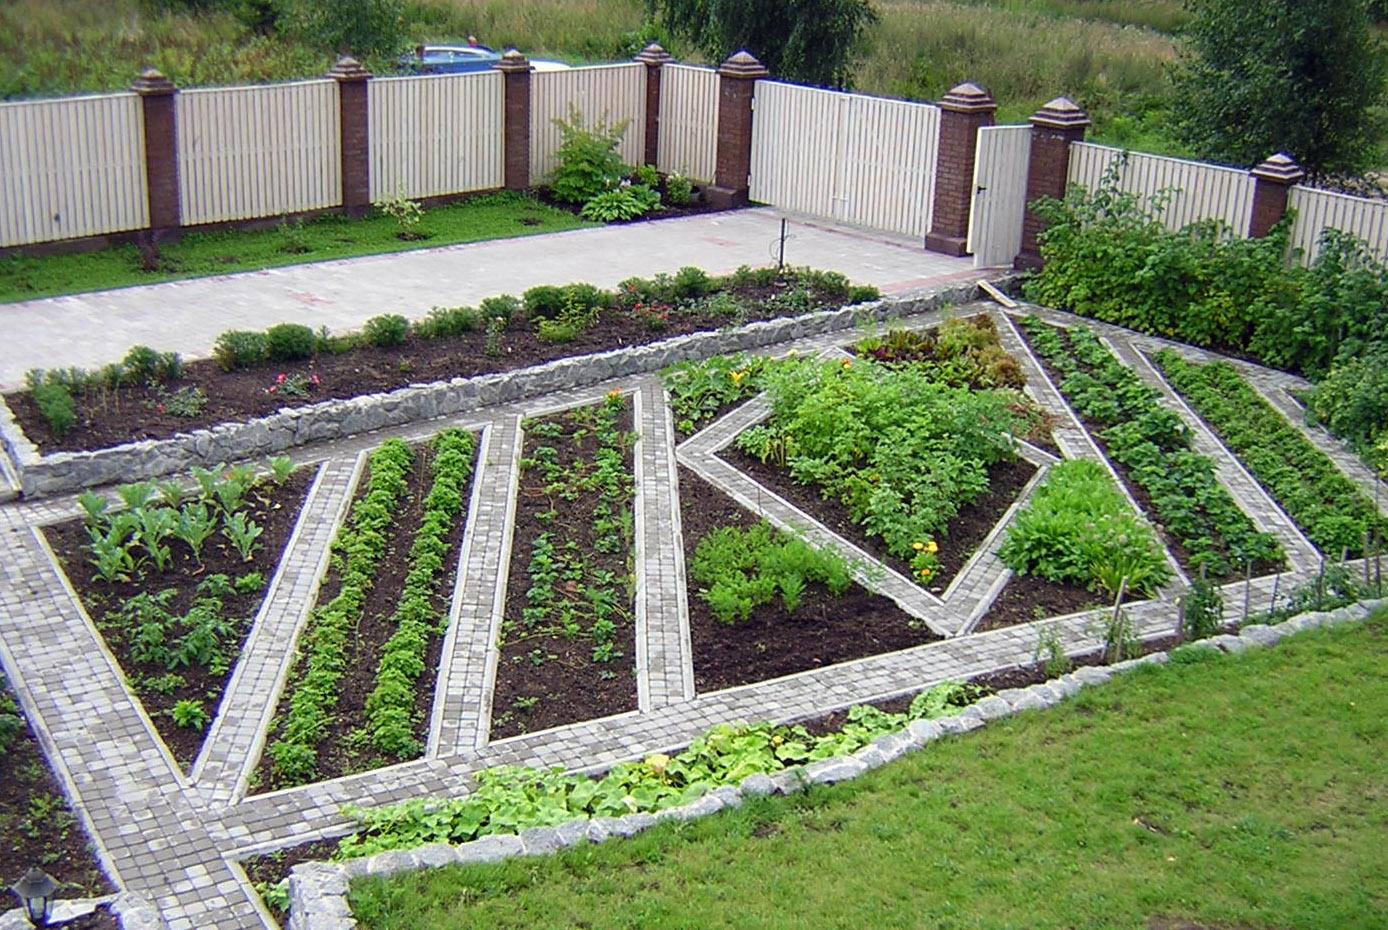 Ландшафтный дизайн сад огород своими руками фото